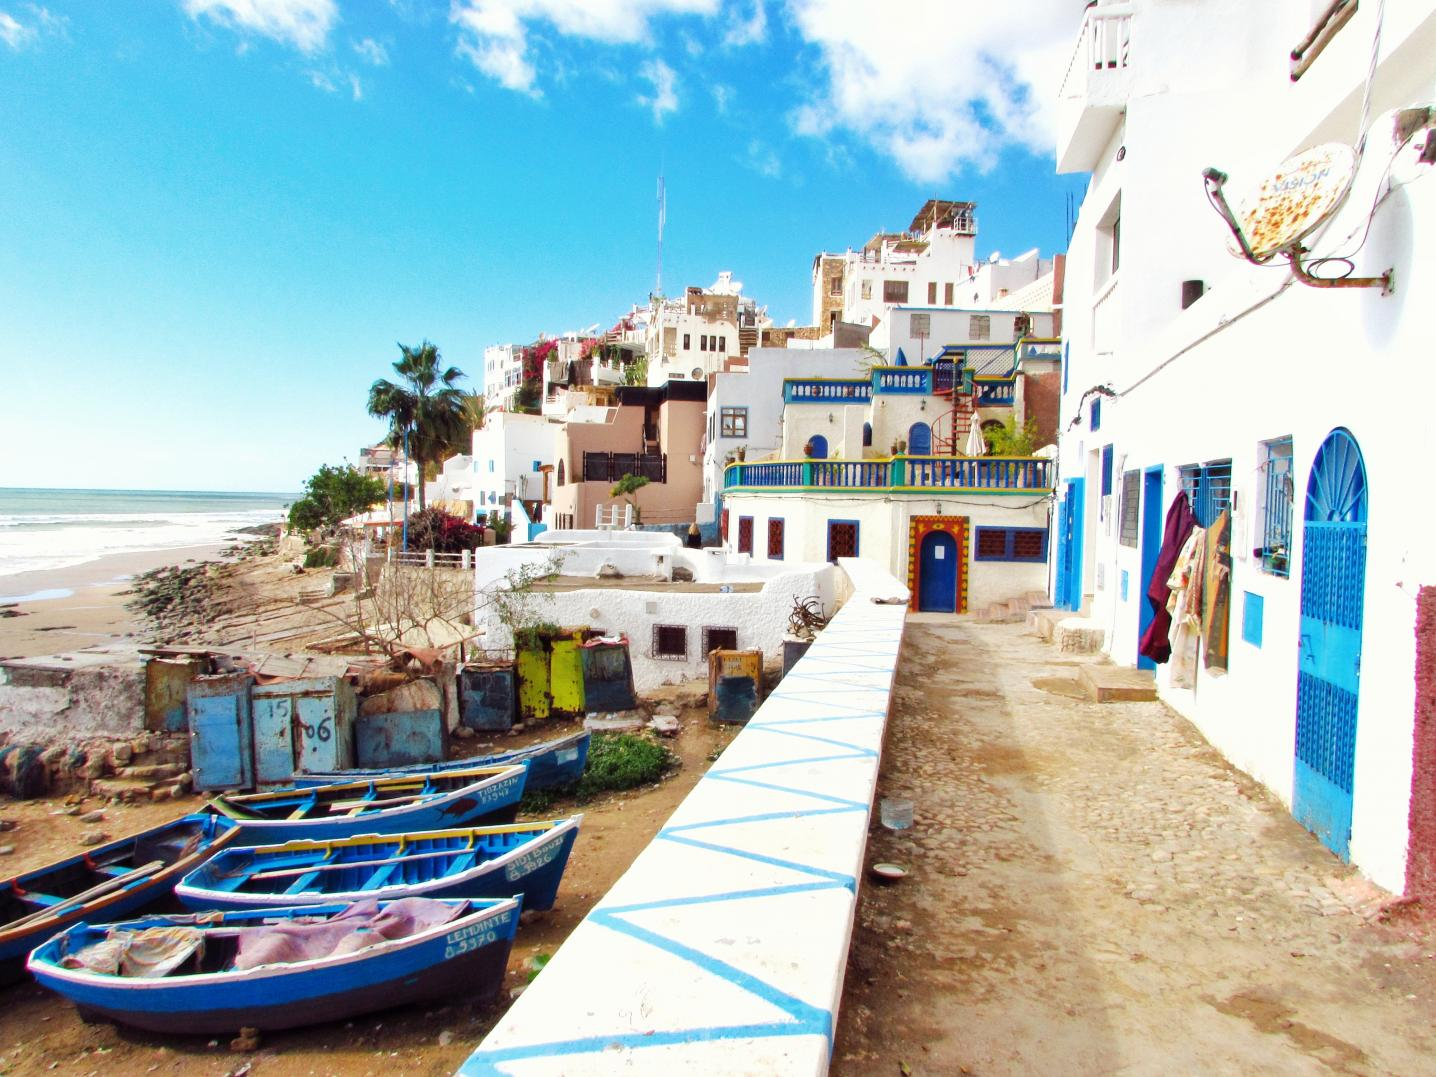 Kết quả hình ảnh cho morocco travel